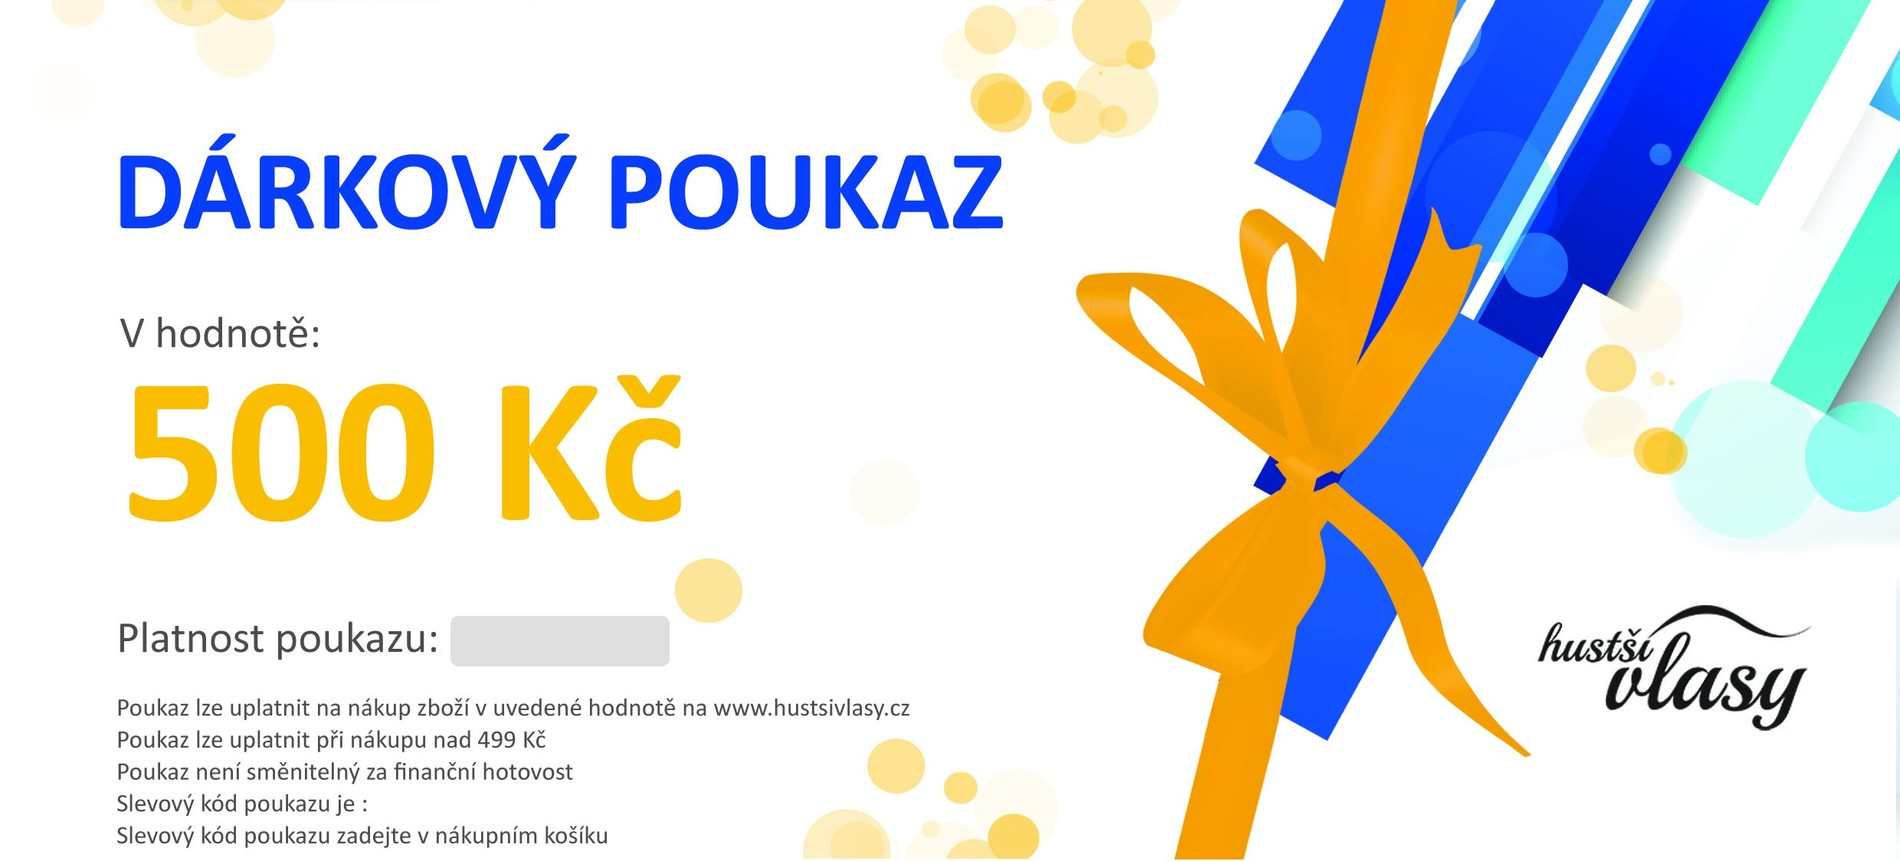 Hustsivlasy.cz Dárkový poukaz 500 Kč